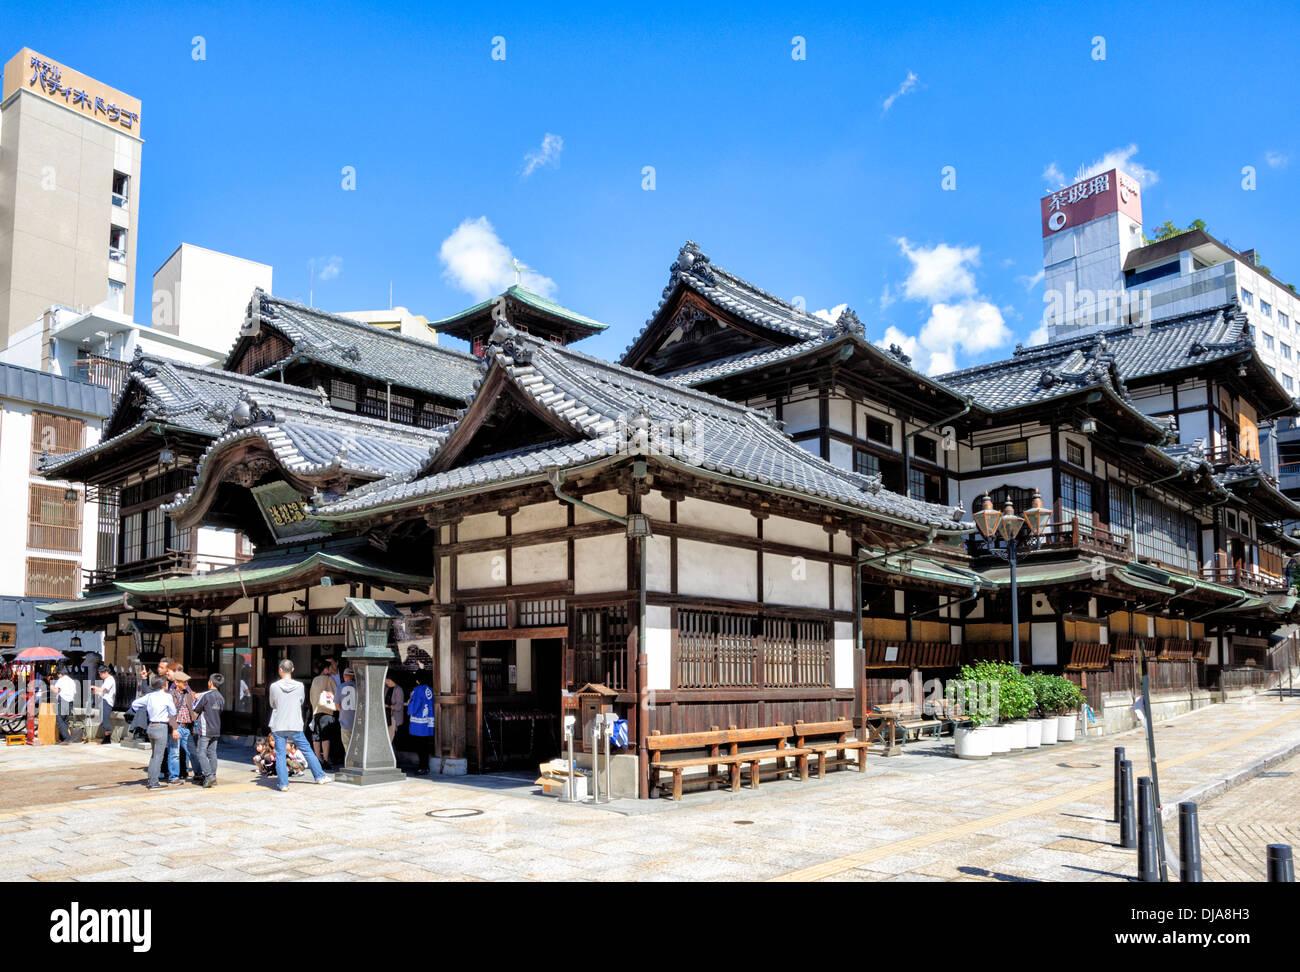 Japanische Architektur traditionelle japanische architektur vom feinsten ein onsen heiße